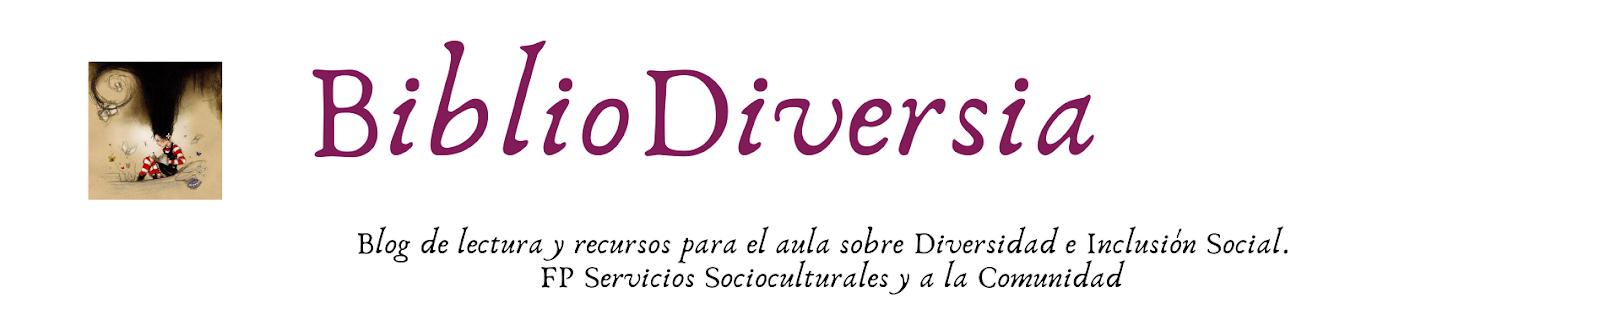 BiblioDiversia